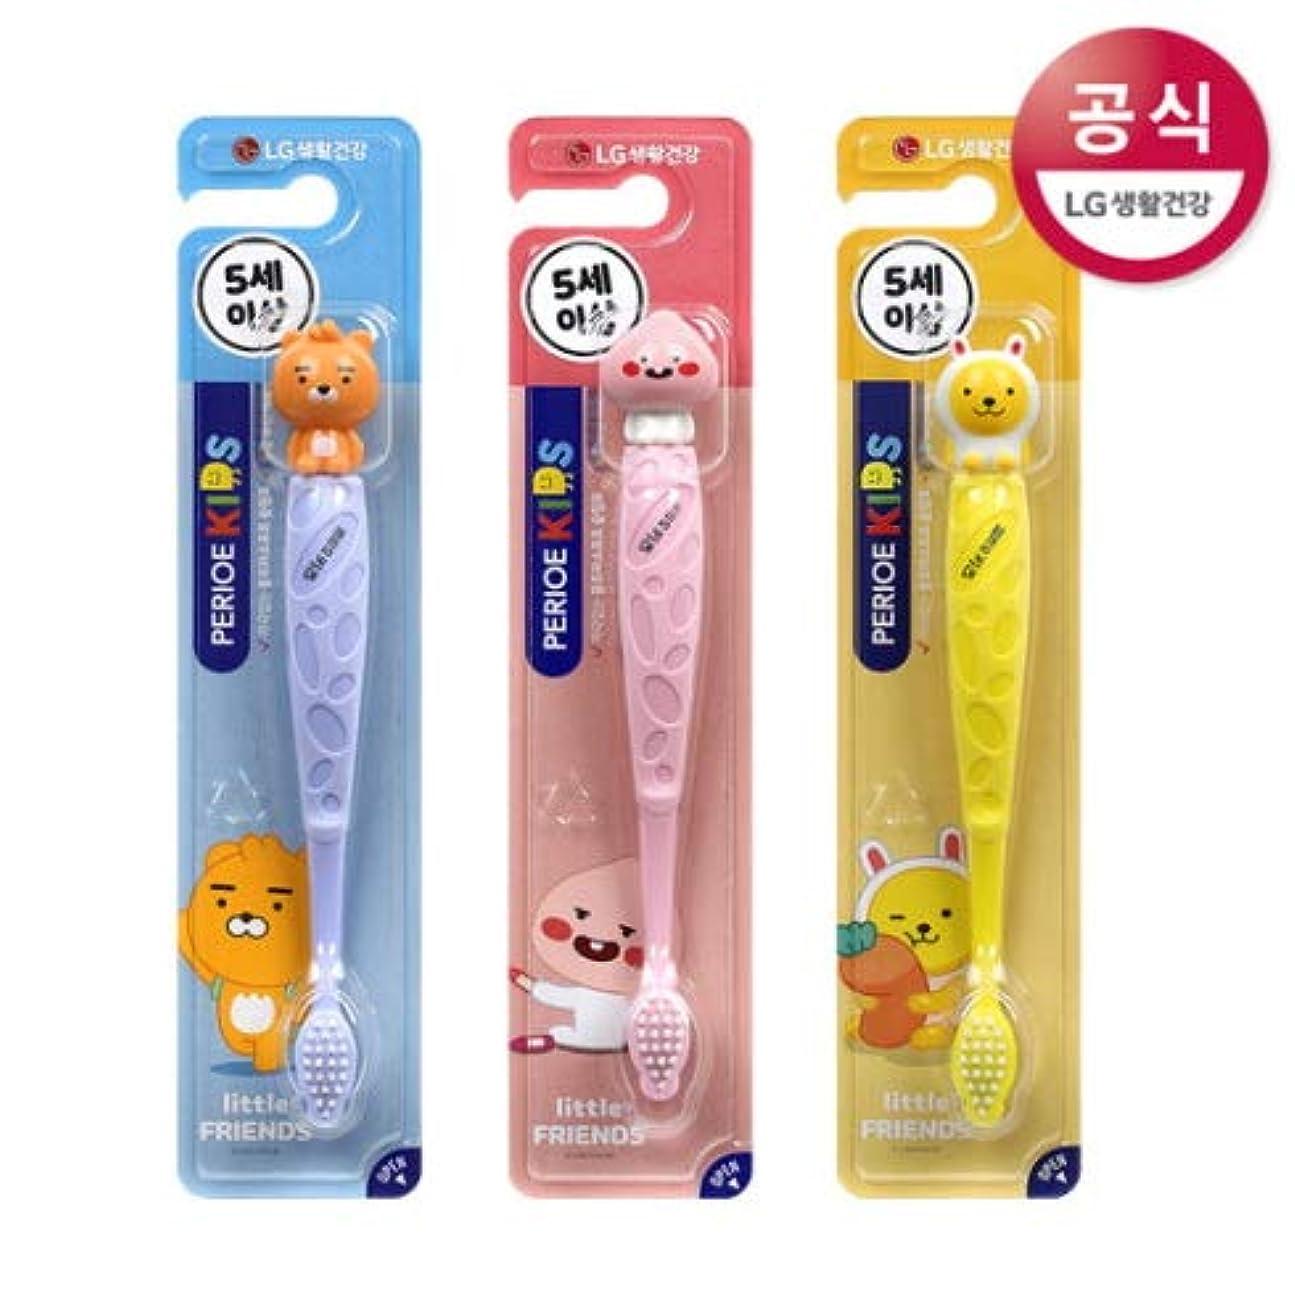 警告するハグ病弱[LG HnB] Pero Kids Cocoa Figure Toothbrush/ペリオ子供カカオフィギュア歯ブラシ 1口x3個(海外直送品)